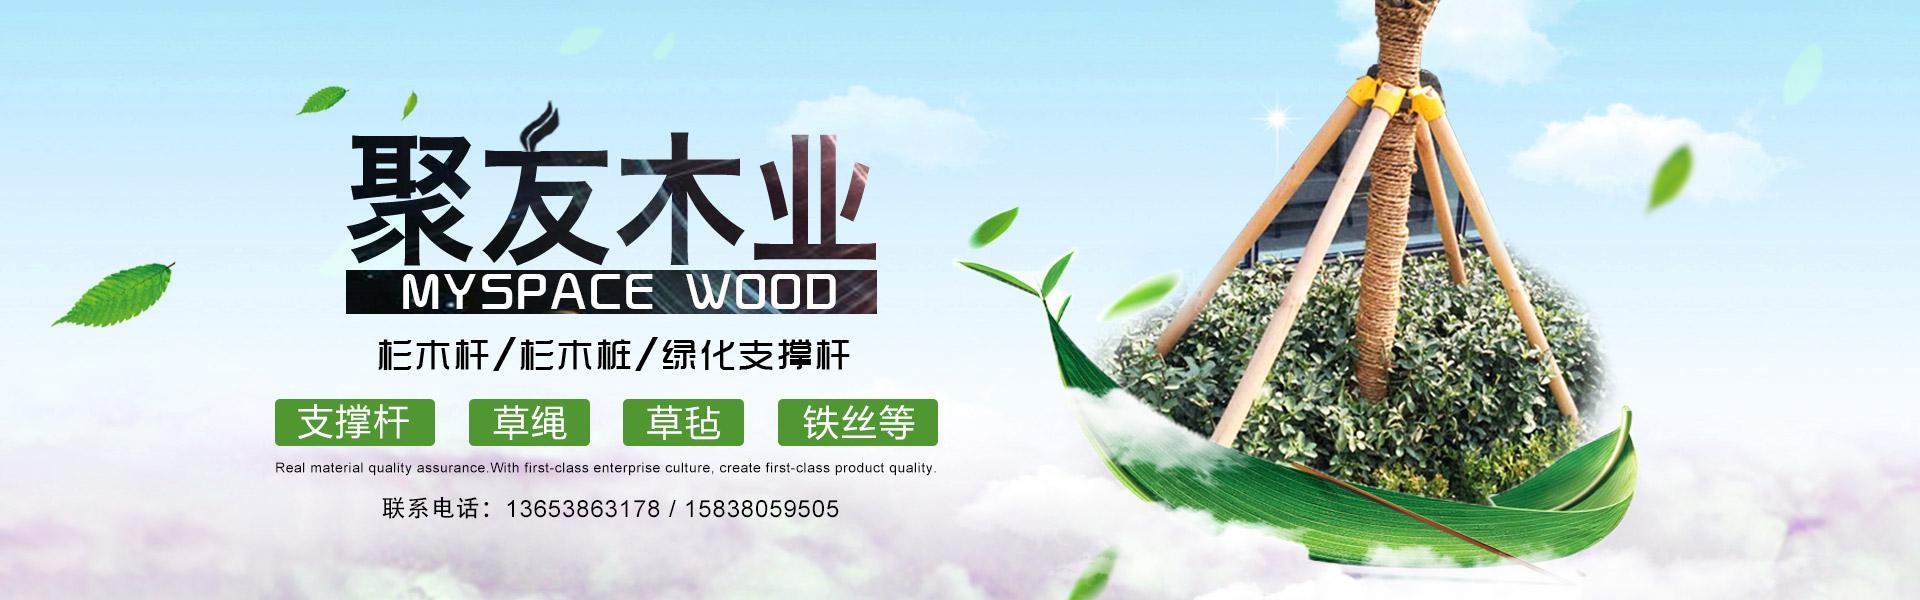 郑州聚友木业有限公司